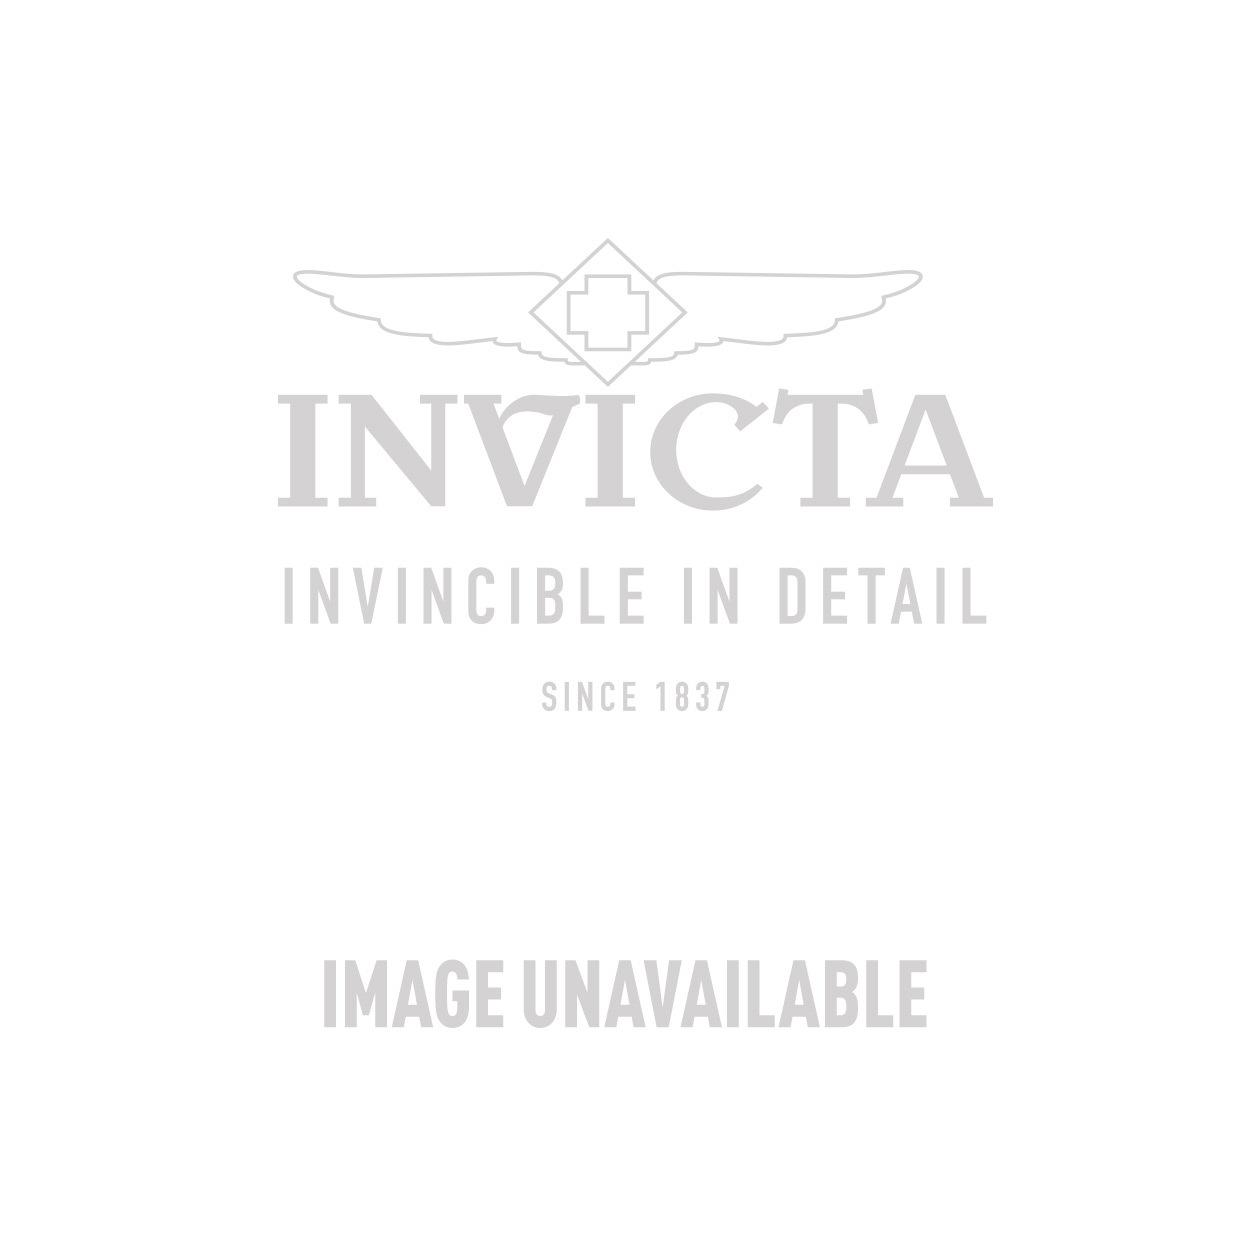 Invicta Model 27117